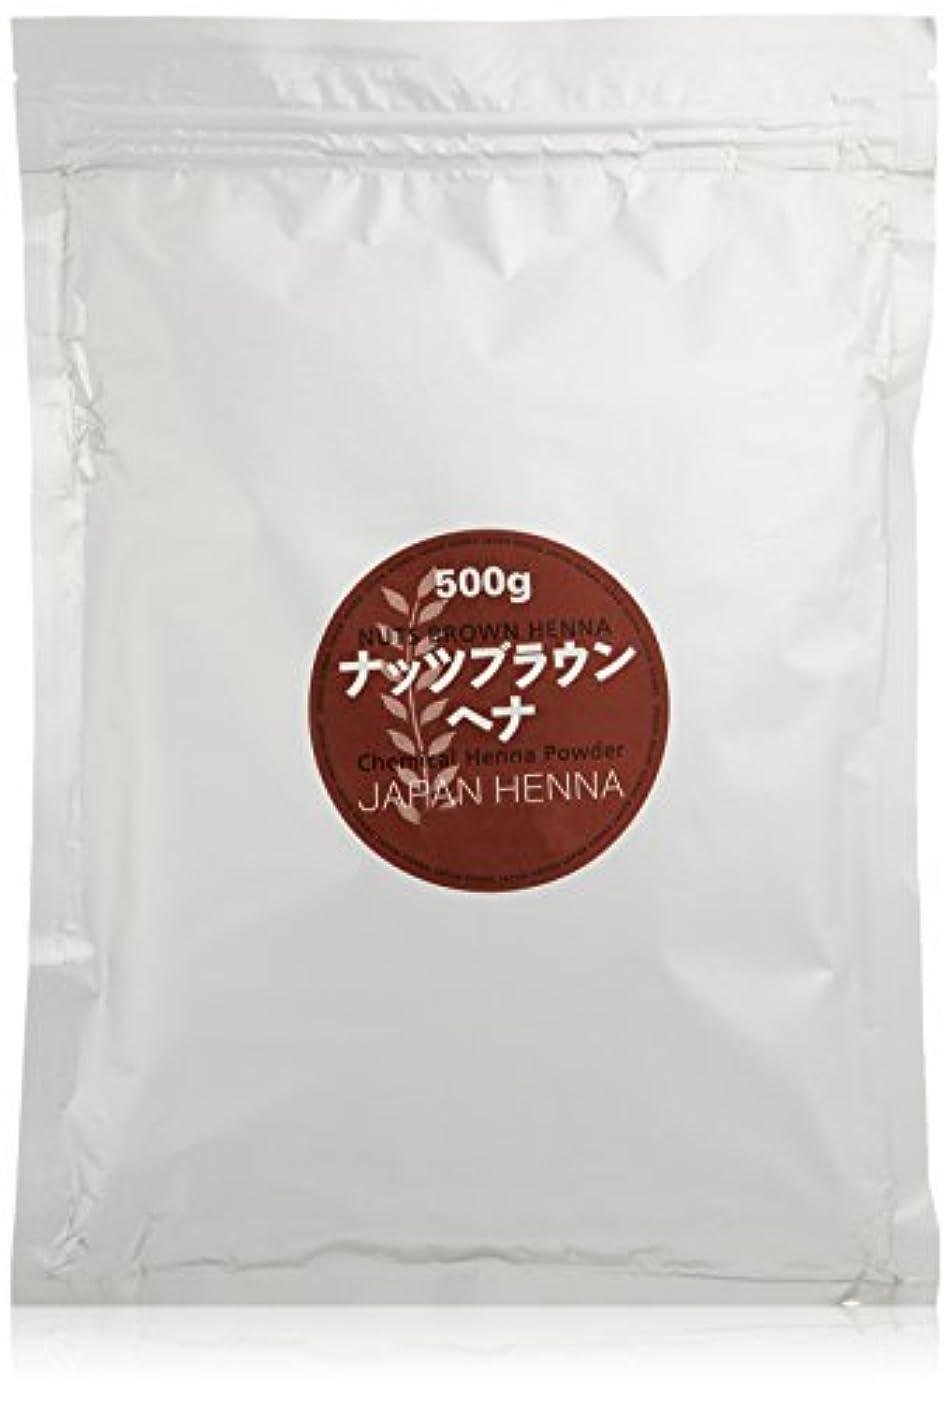 穿孔する労働電気技師ジャパンヘナ ナッツブラウン 500g